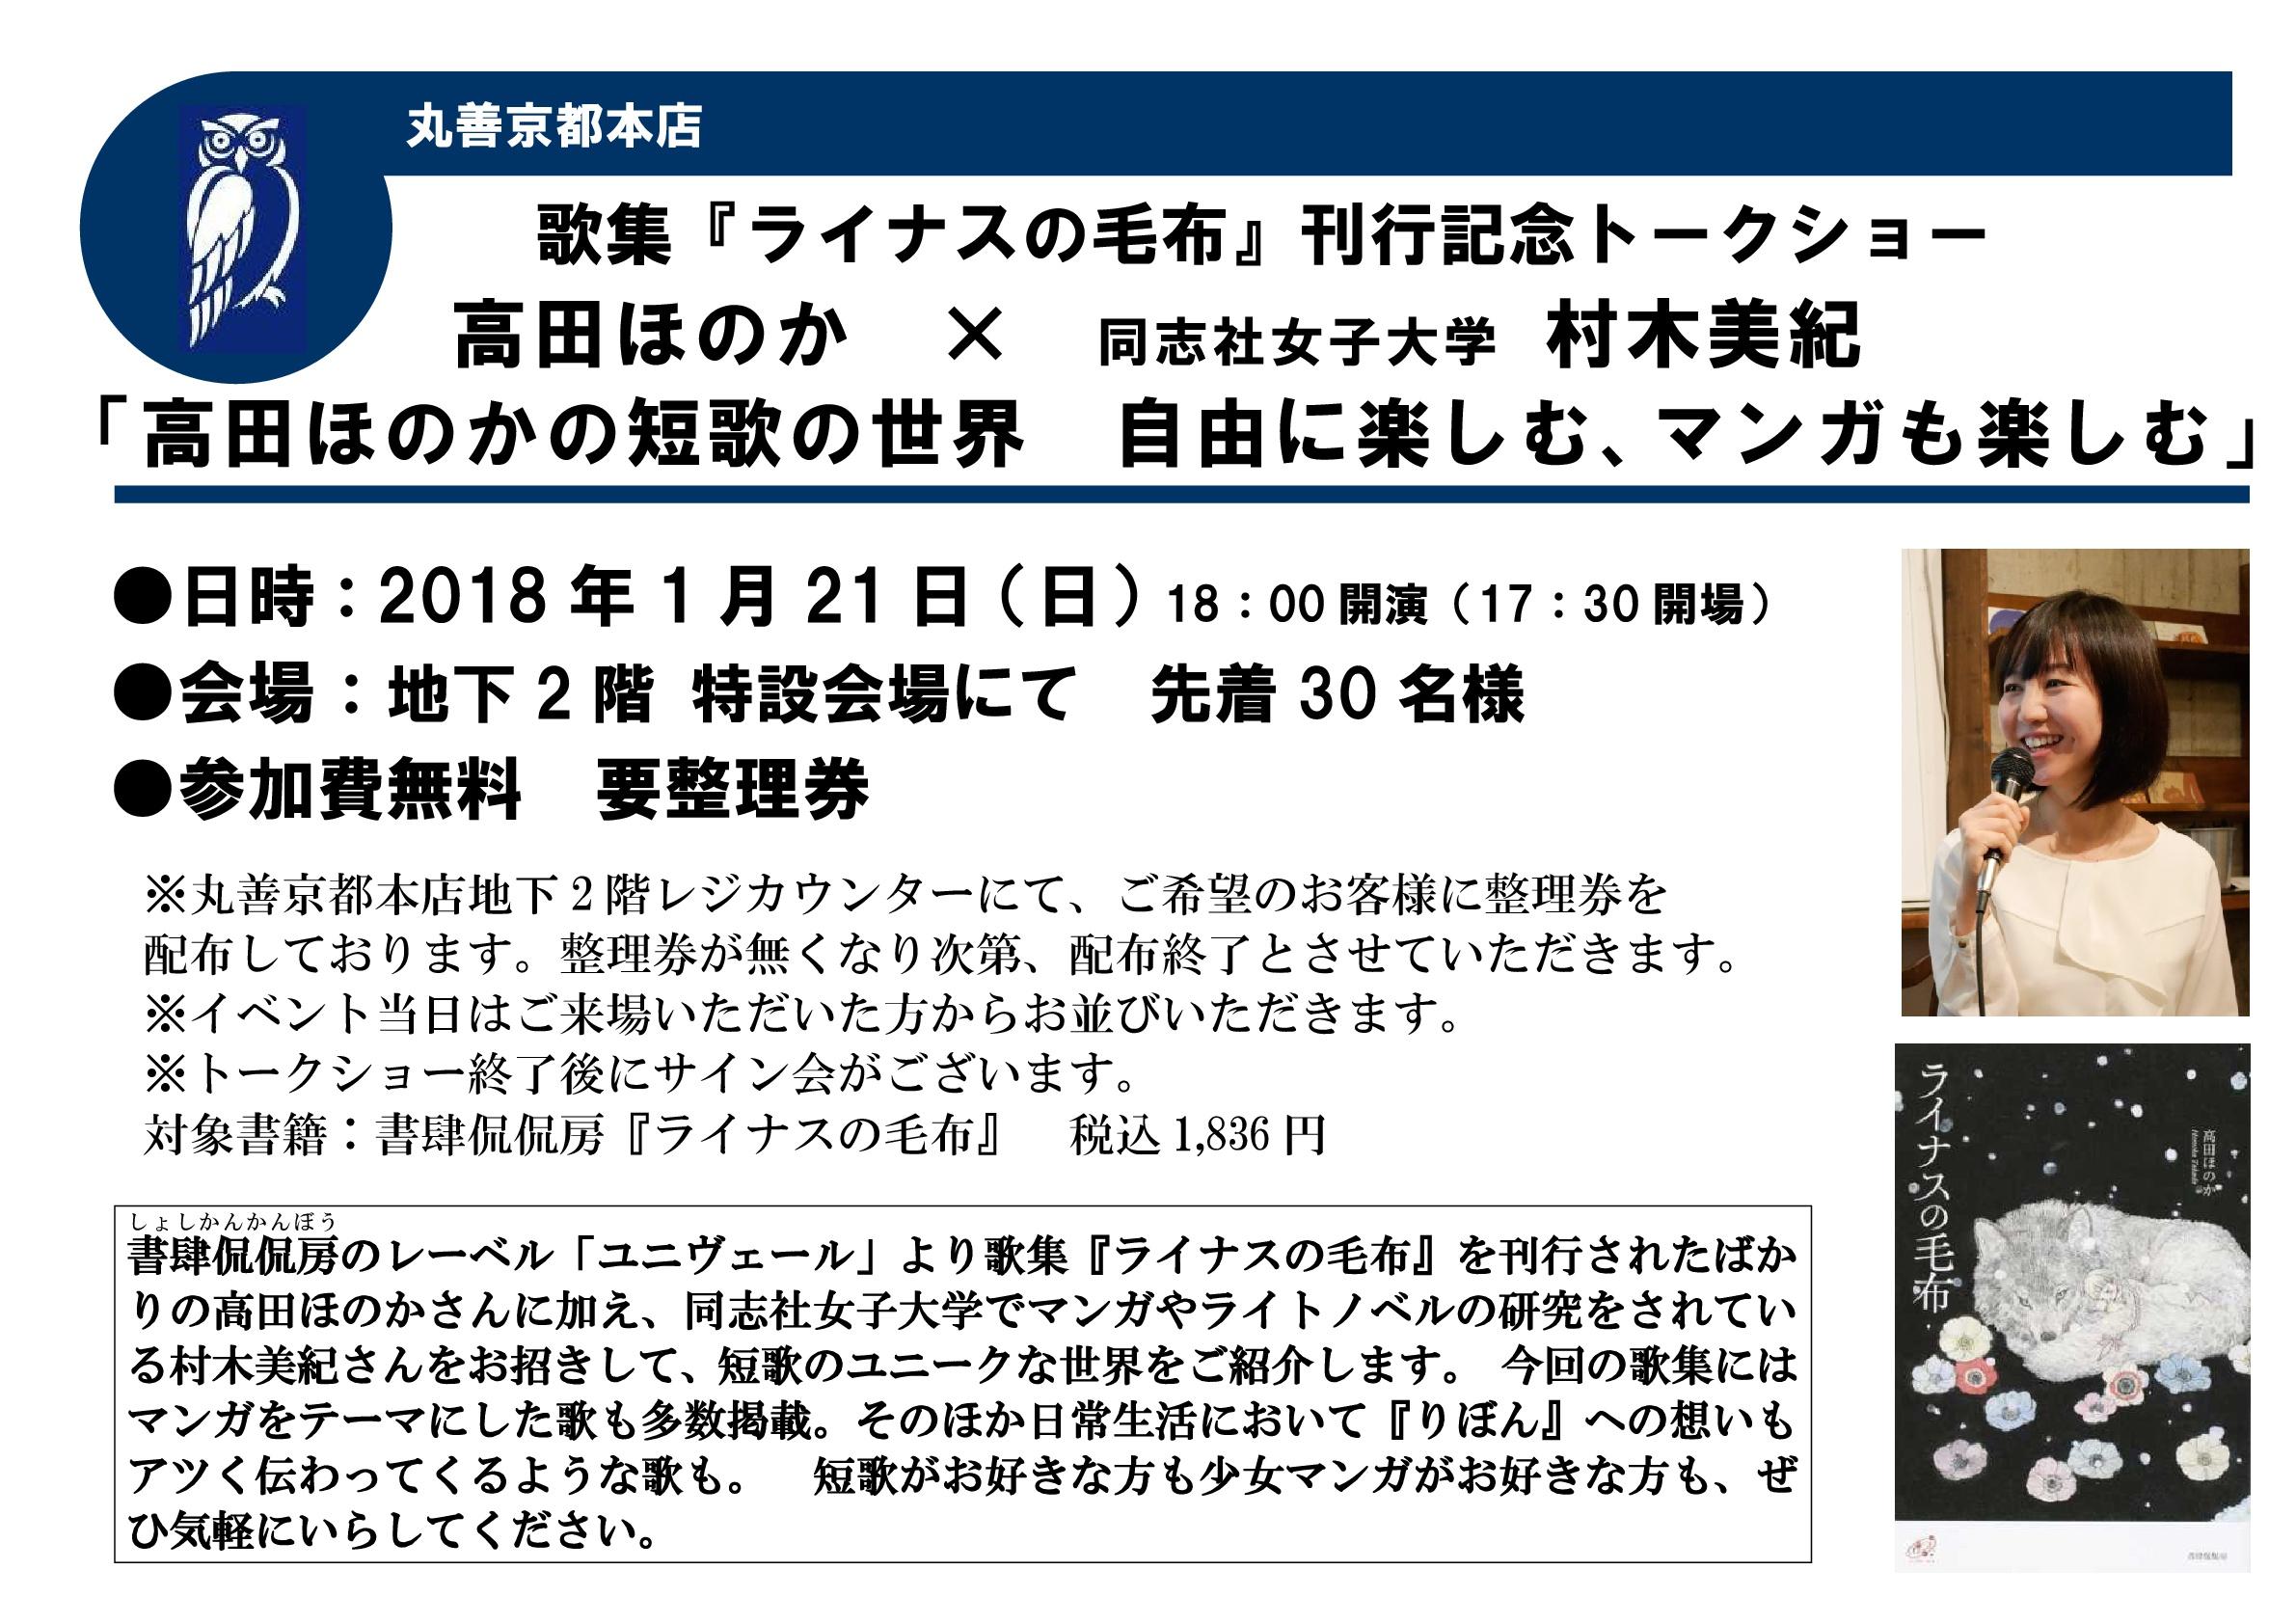 2018年1月 丸善京都本店にて、歌集『ライナスの毛布』刊行記念 高田ほのか×村木美紀「高田ほのかの短歌の世界 自由に楽しむ、マンガも楽しむ」を開催されていただきました。